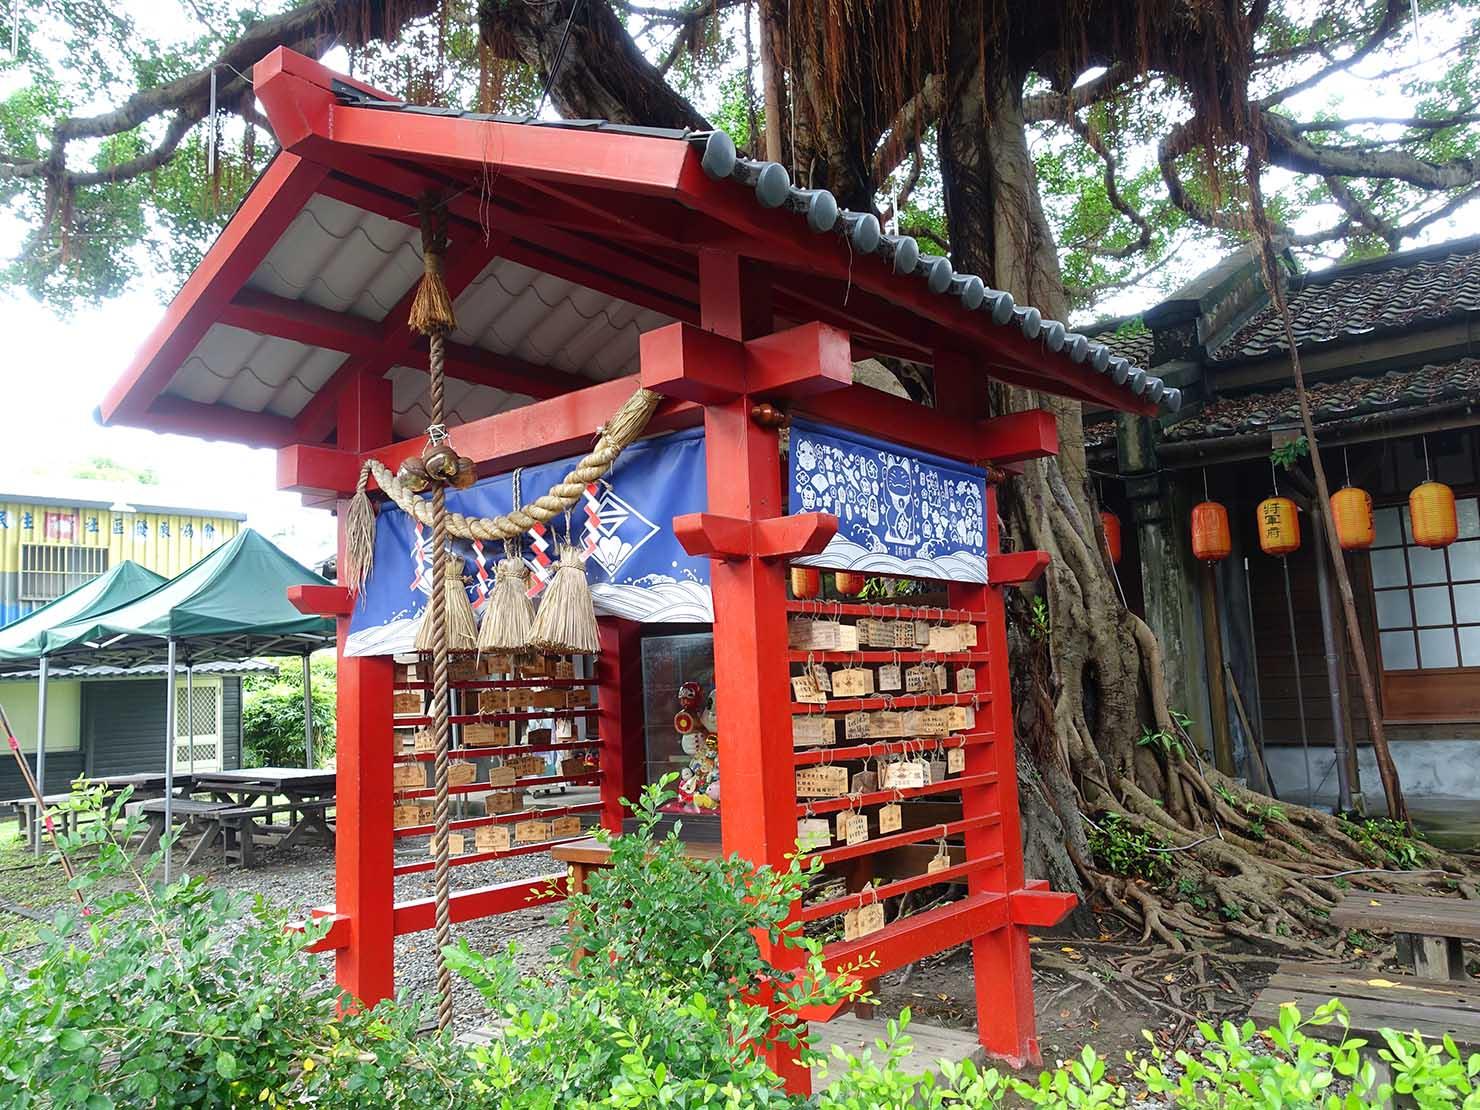 台湾・花蓮のおすすめ観光スポット「將軍府」の絵馬